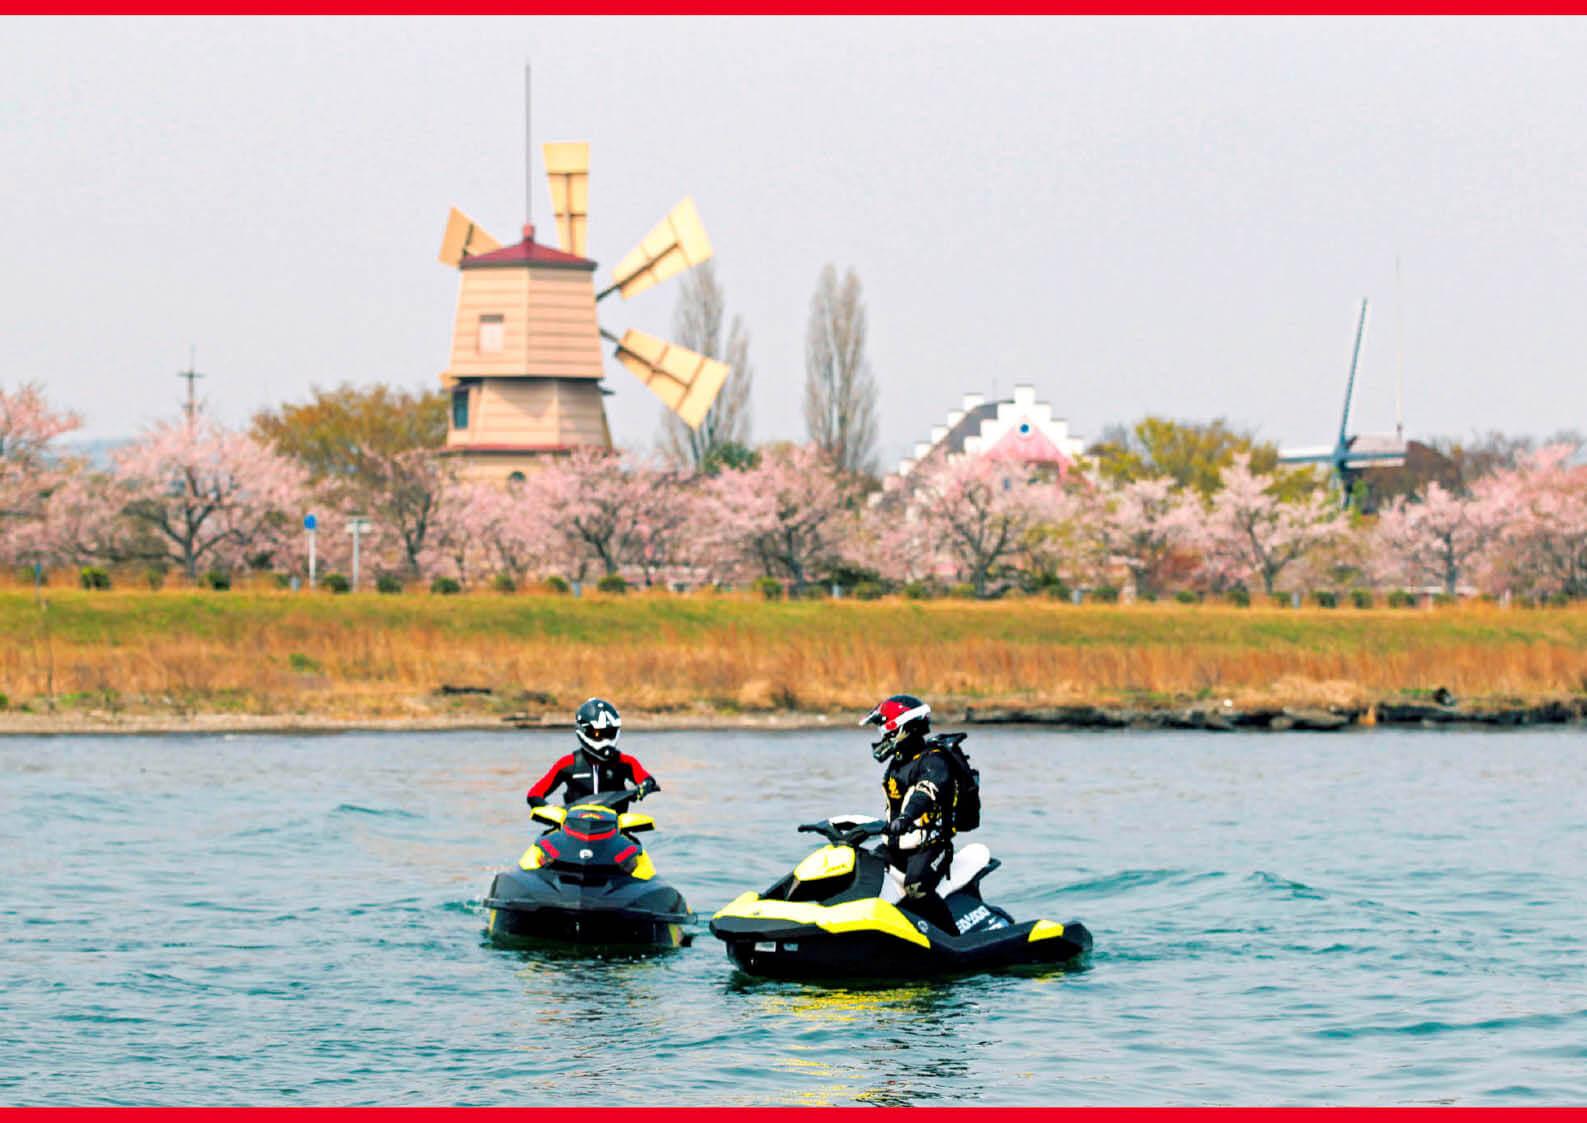 ジェットスキーで、「日本1周」はできるの?どこまで行ける? (水上バイク)